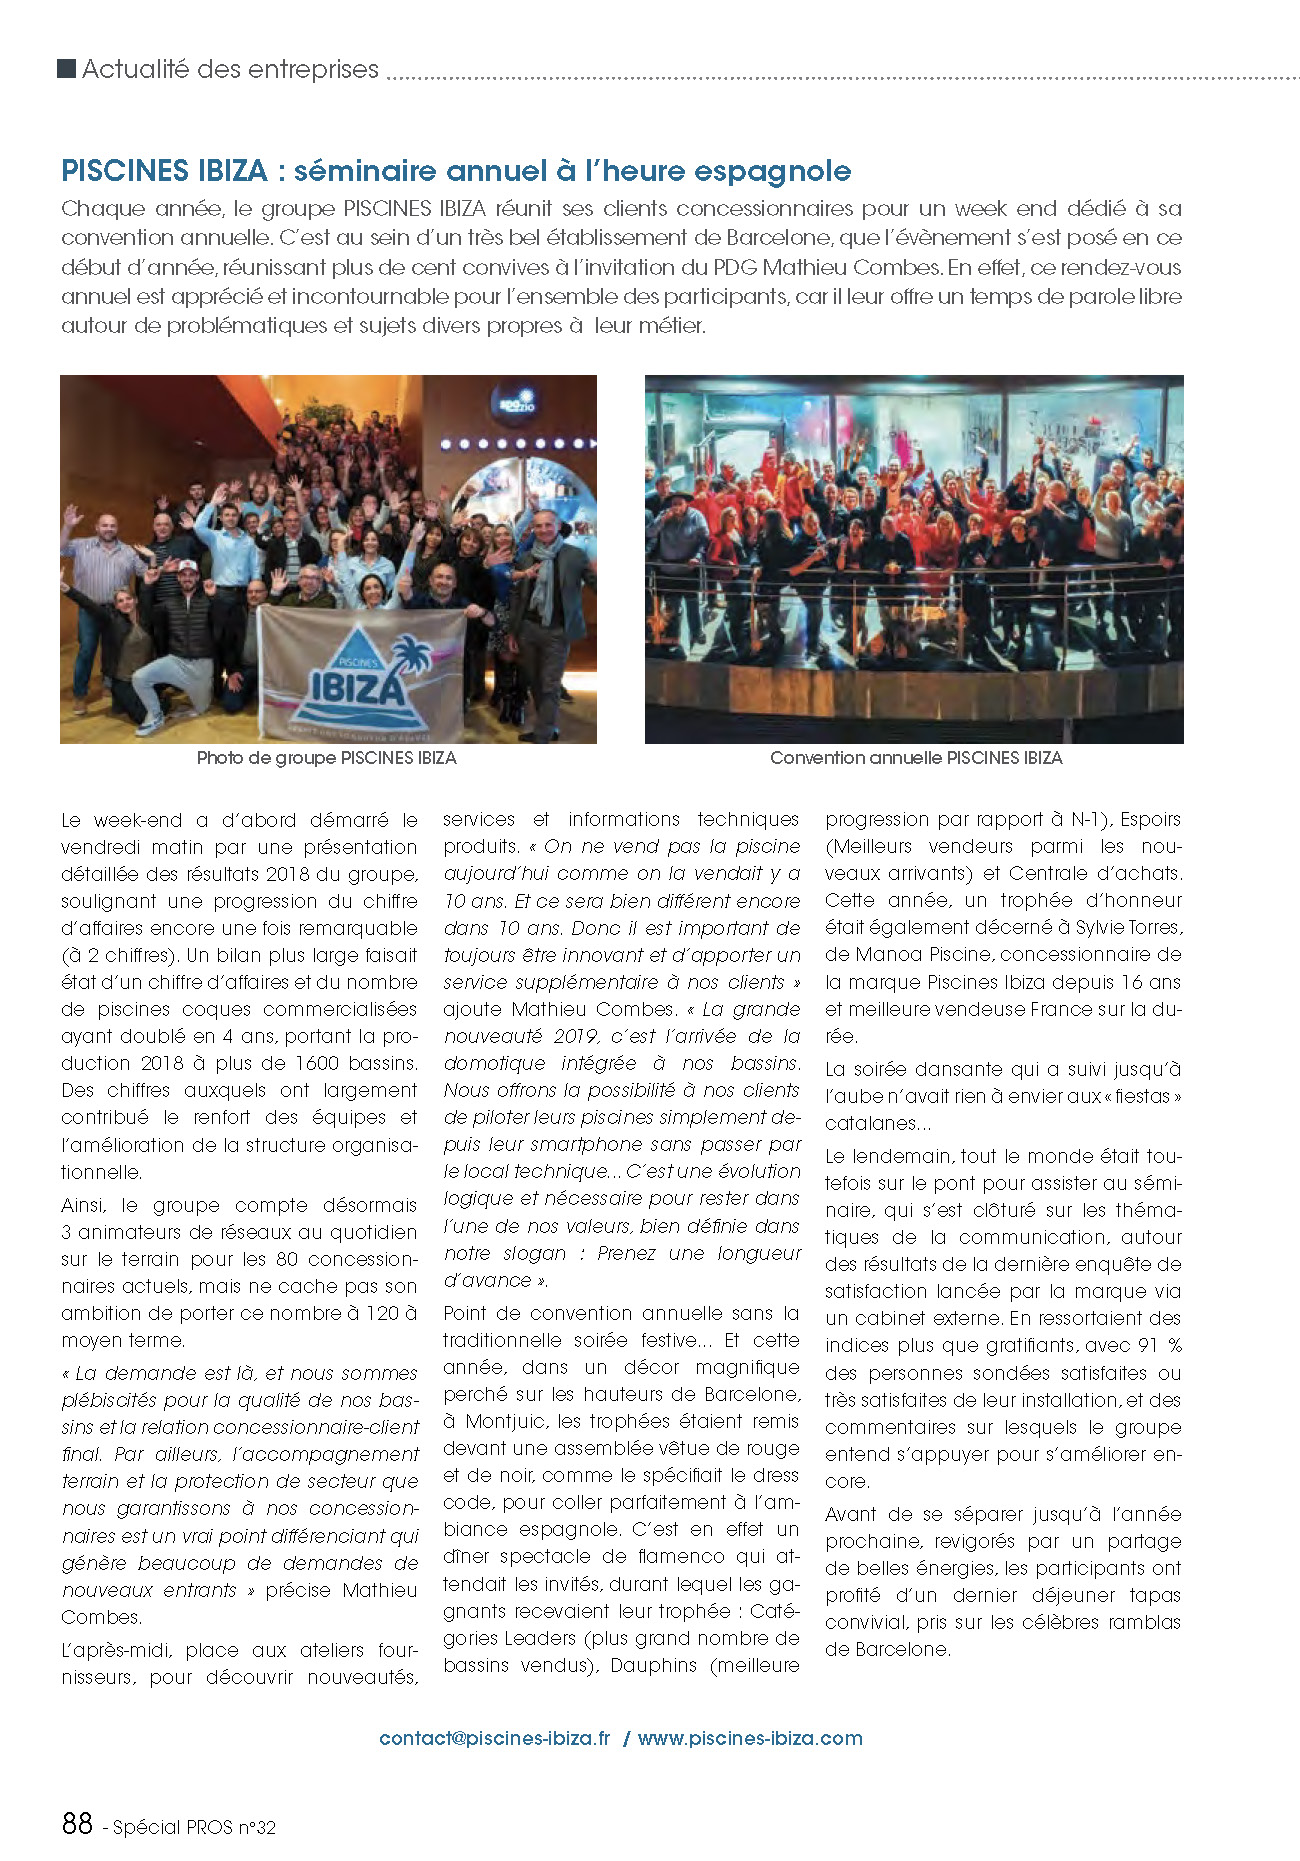 ibiza special pros32 2019 page 3